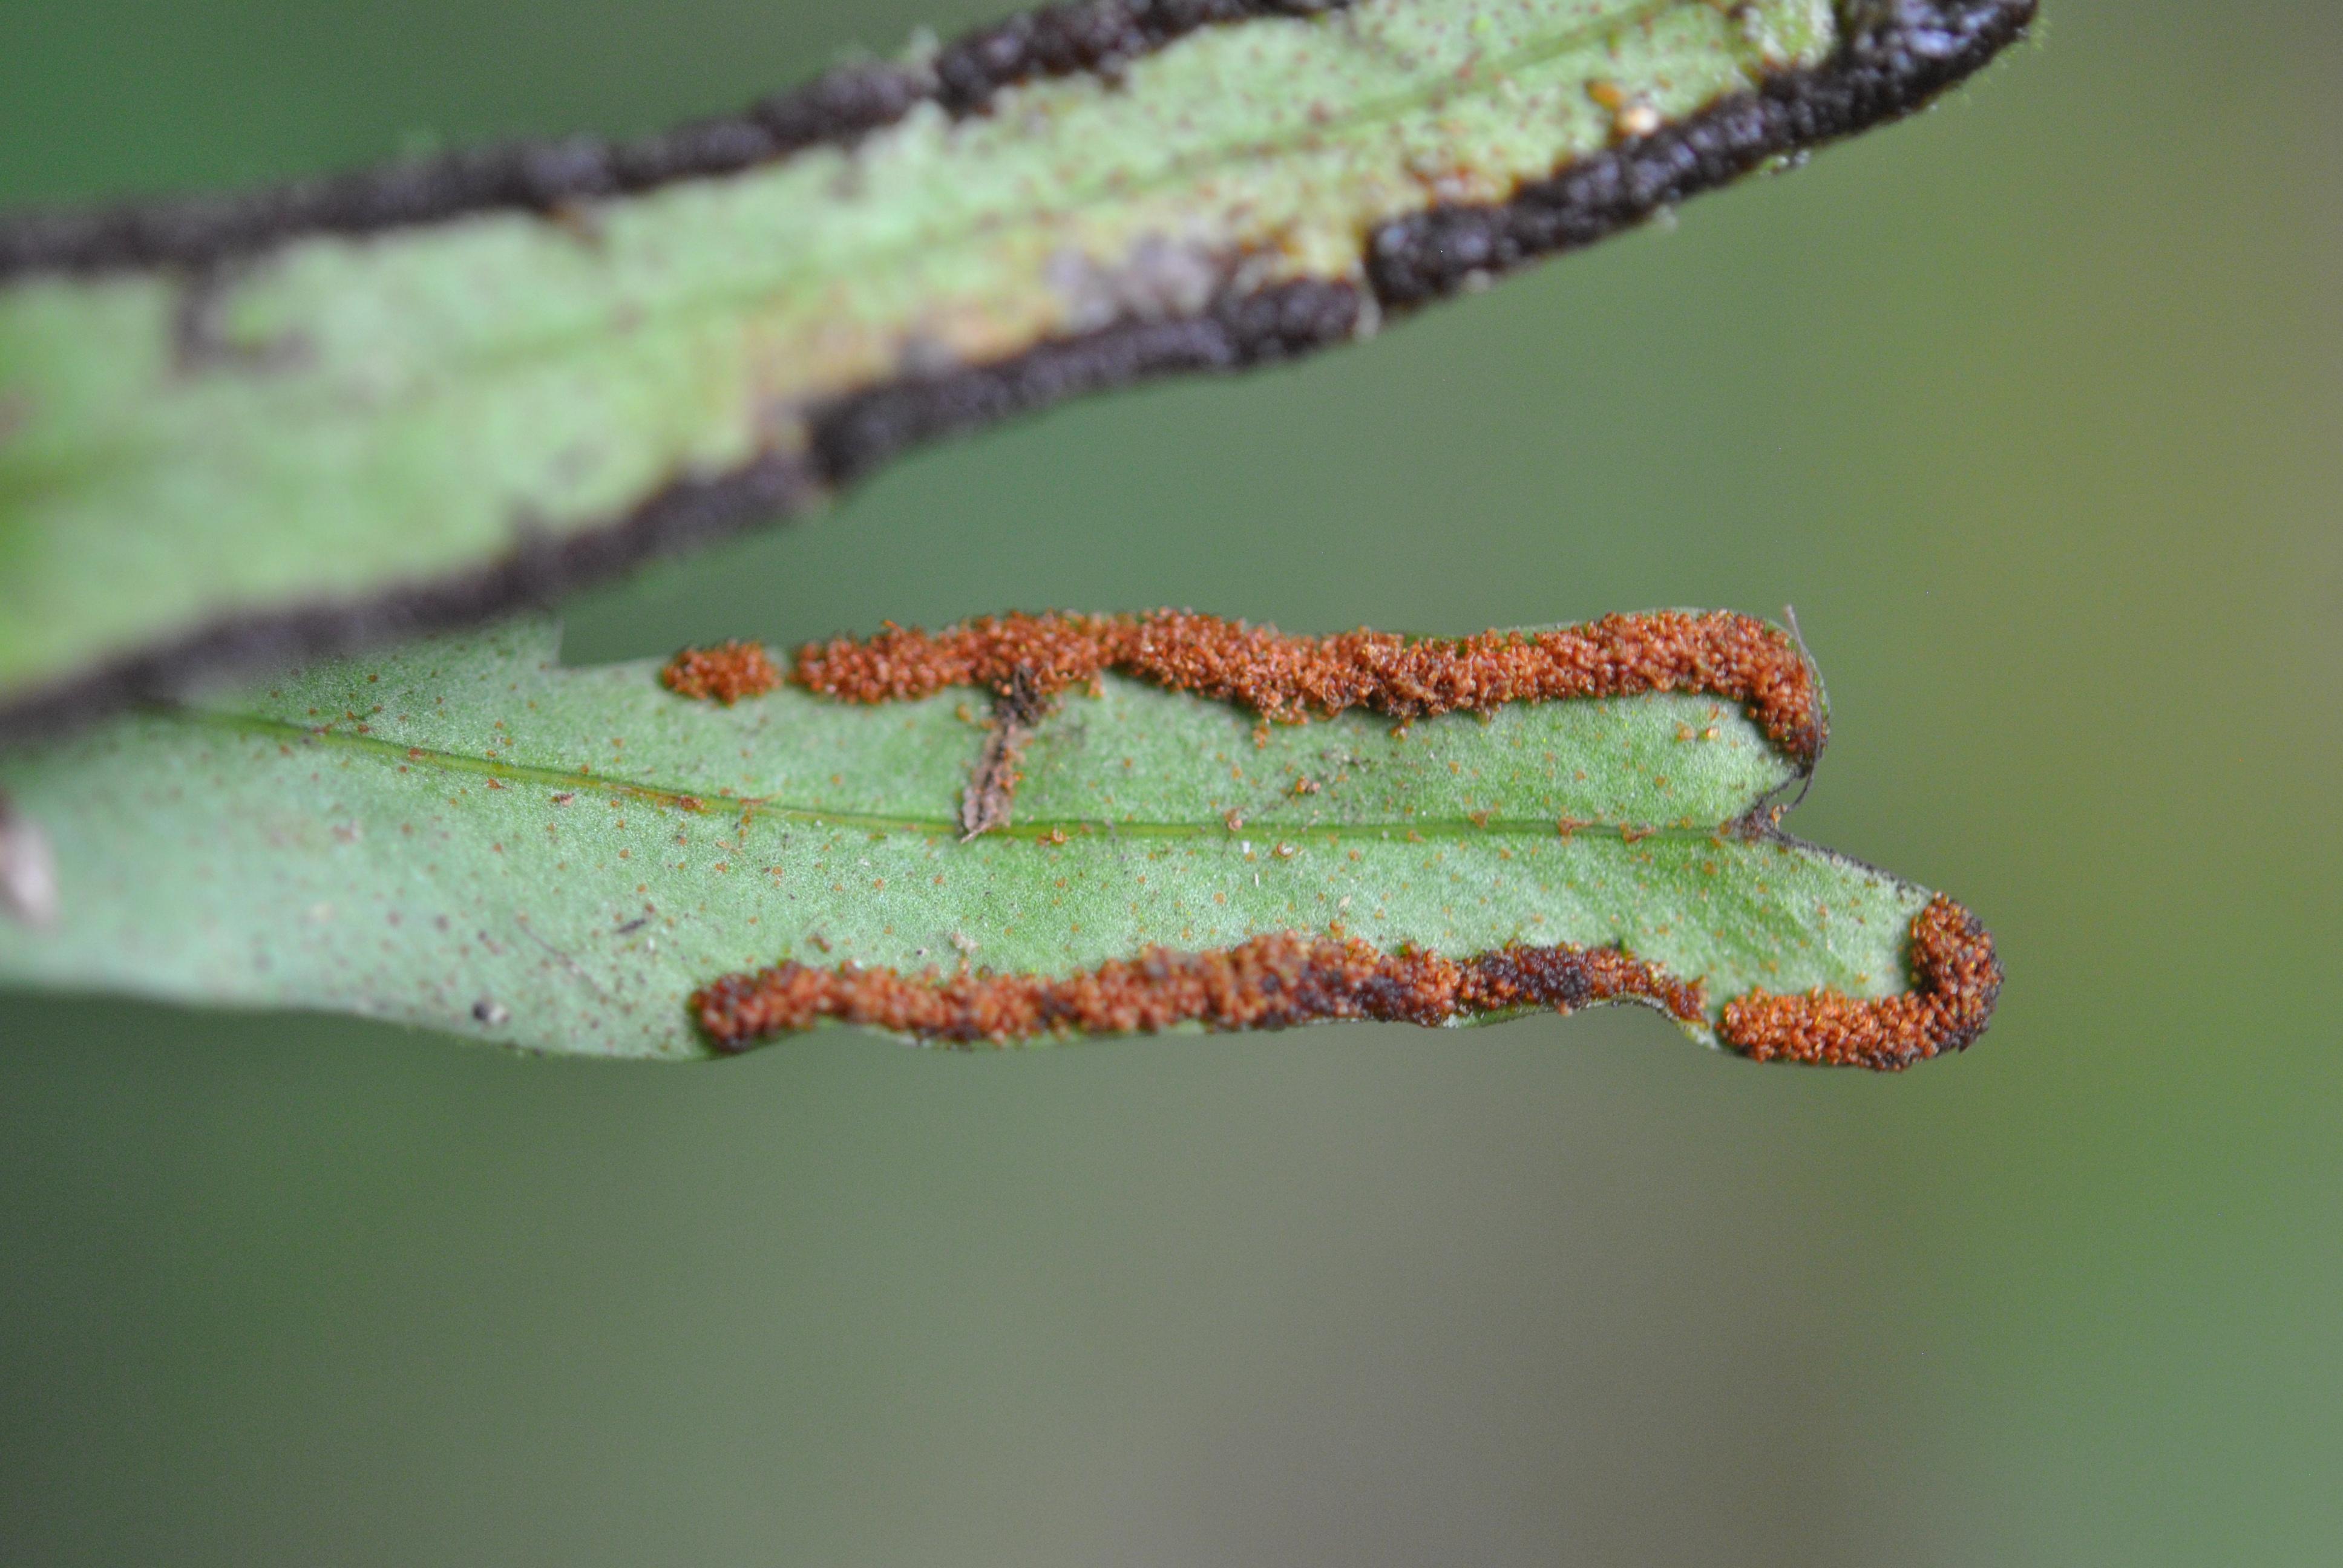 Pleopeltis christensenii